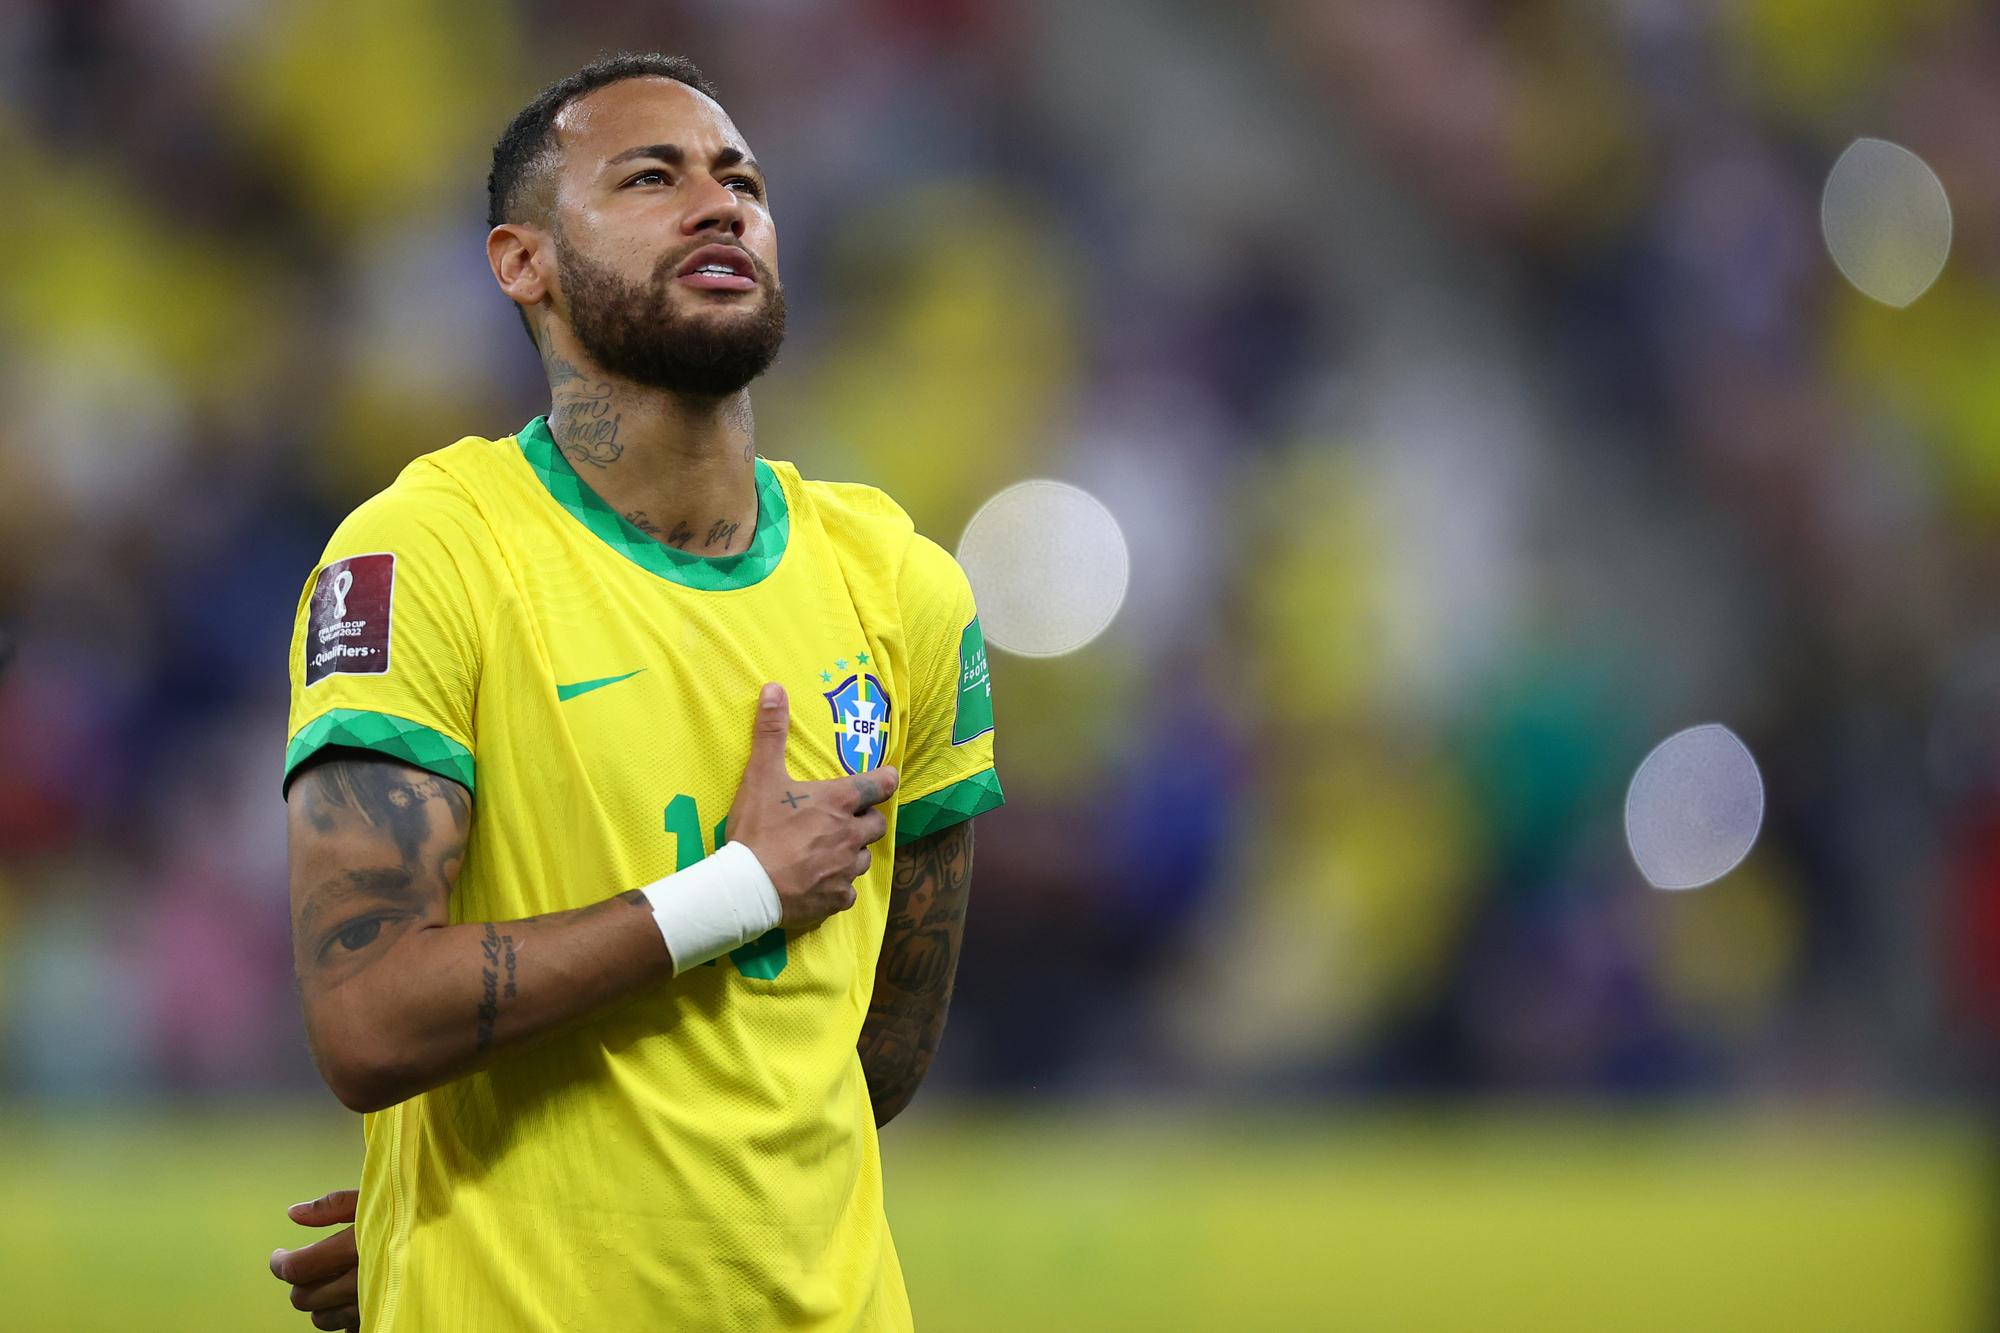 'ทุกคนในบราซิลรู้ว่าเนย์เป็นผู้เล่นที่ดีที่สุด' – โรนัลดินโญ่